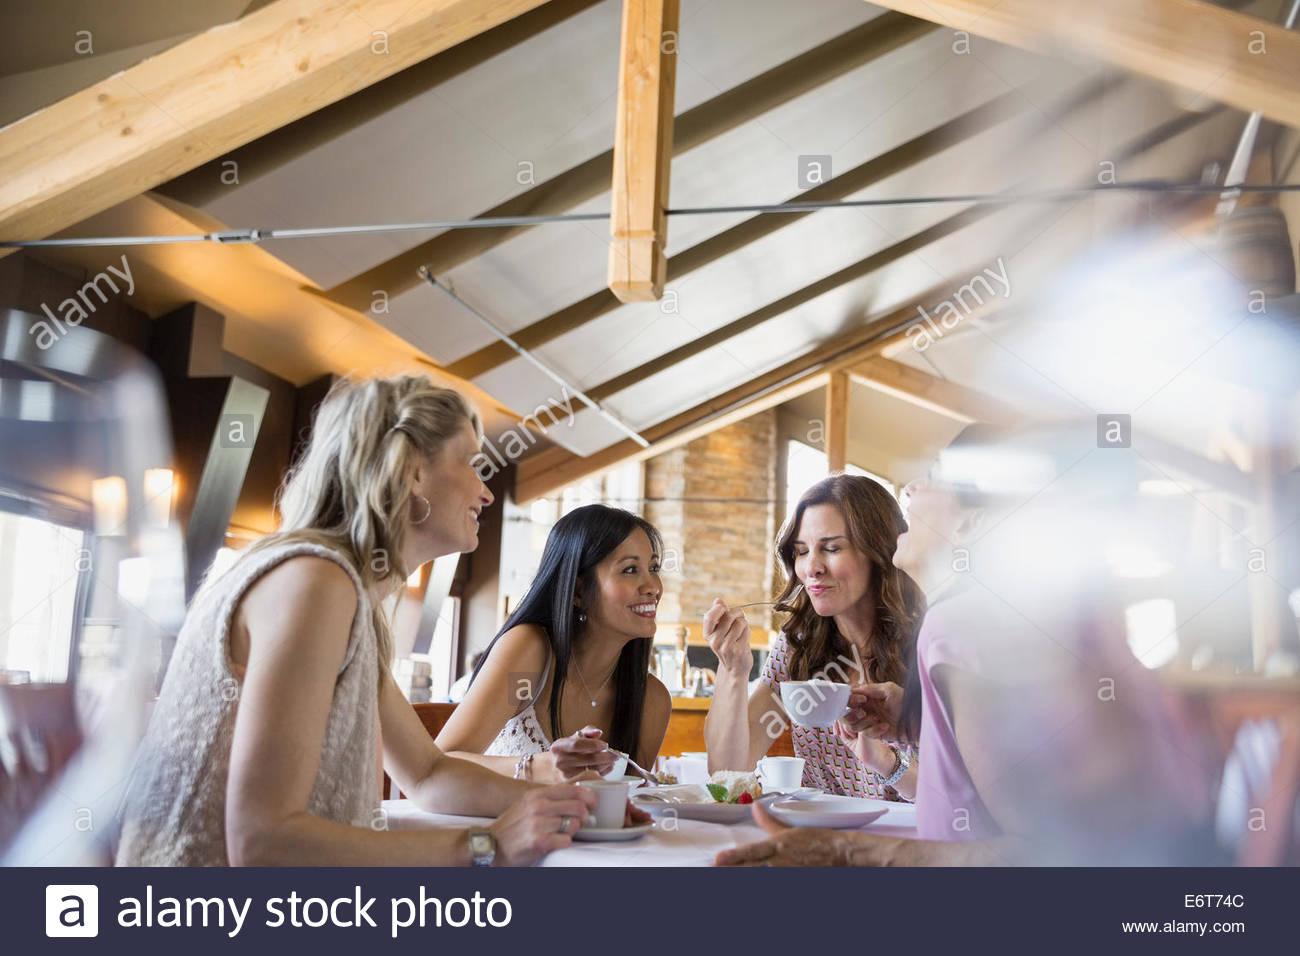 Frauen zusammen im Restaurant Essen Stockfoto